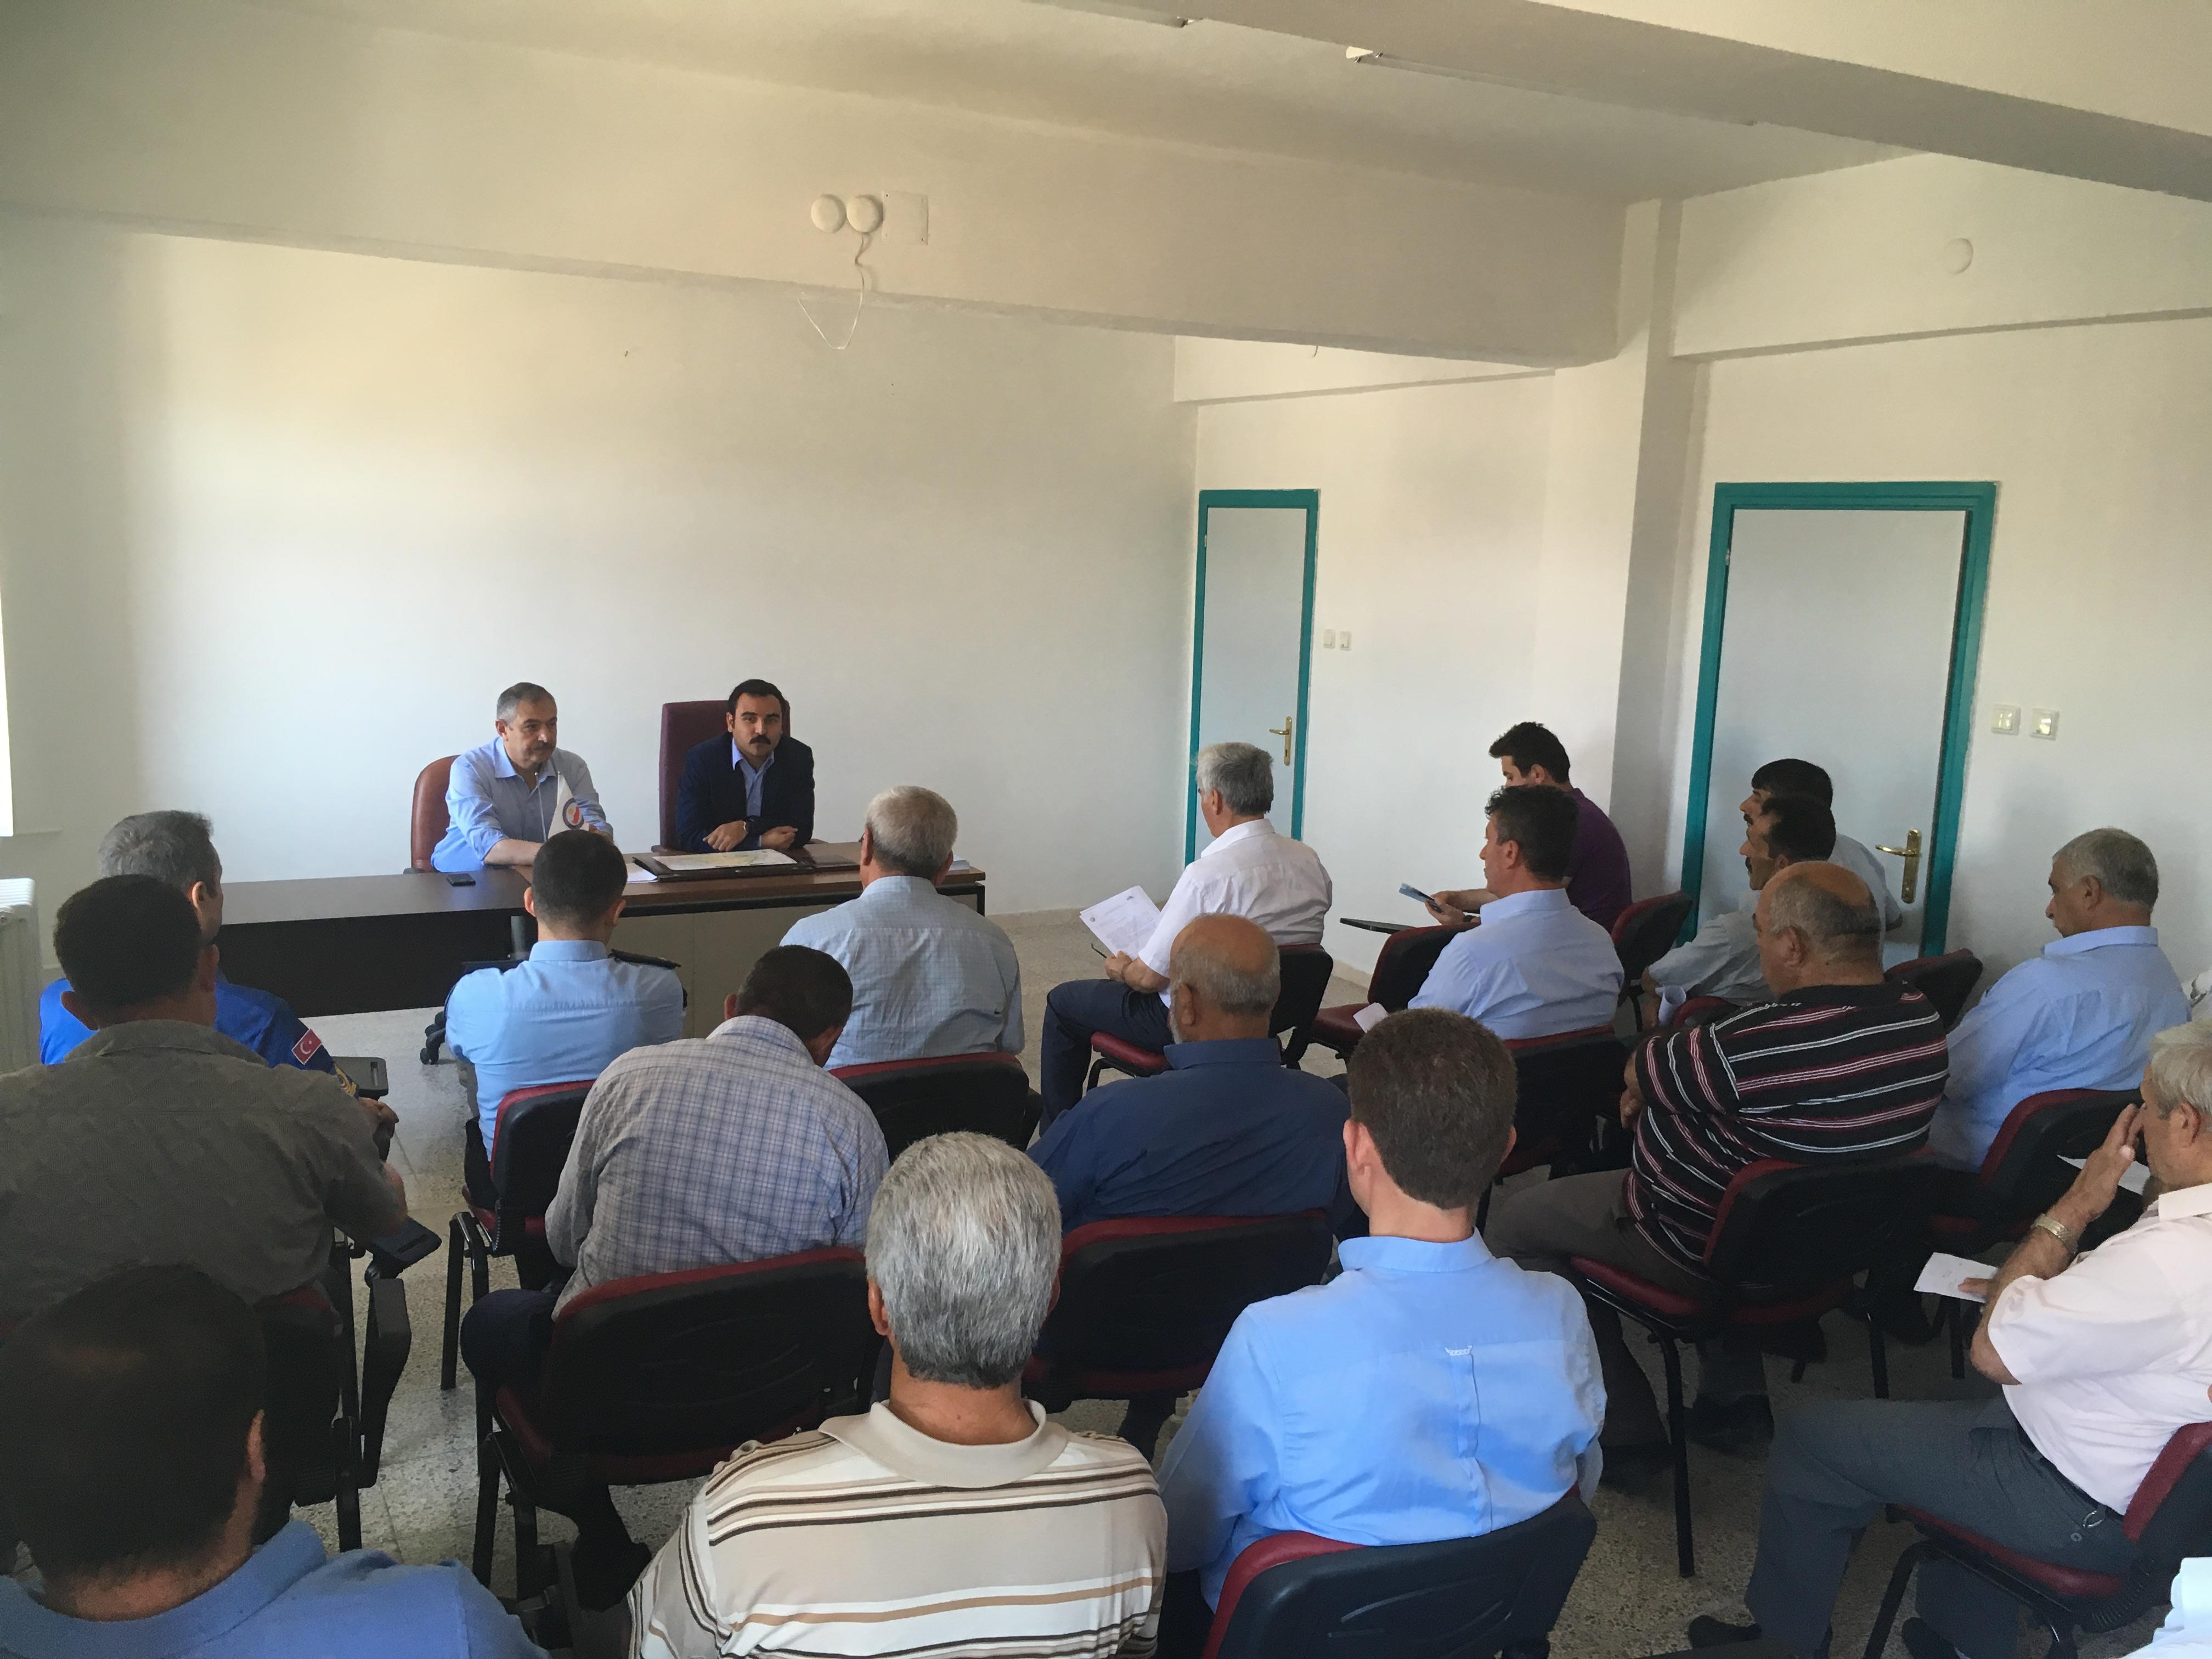 İl Müdürlüğümüzce, İmar Barışı kapsamında; İlçelerde, İlçe Köy ve Mahalle Muhtarlarına bilgilendirme toplantıları yapıldı.